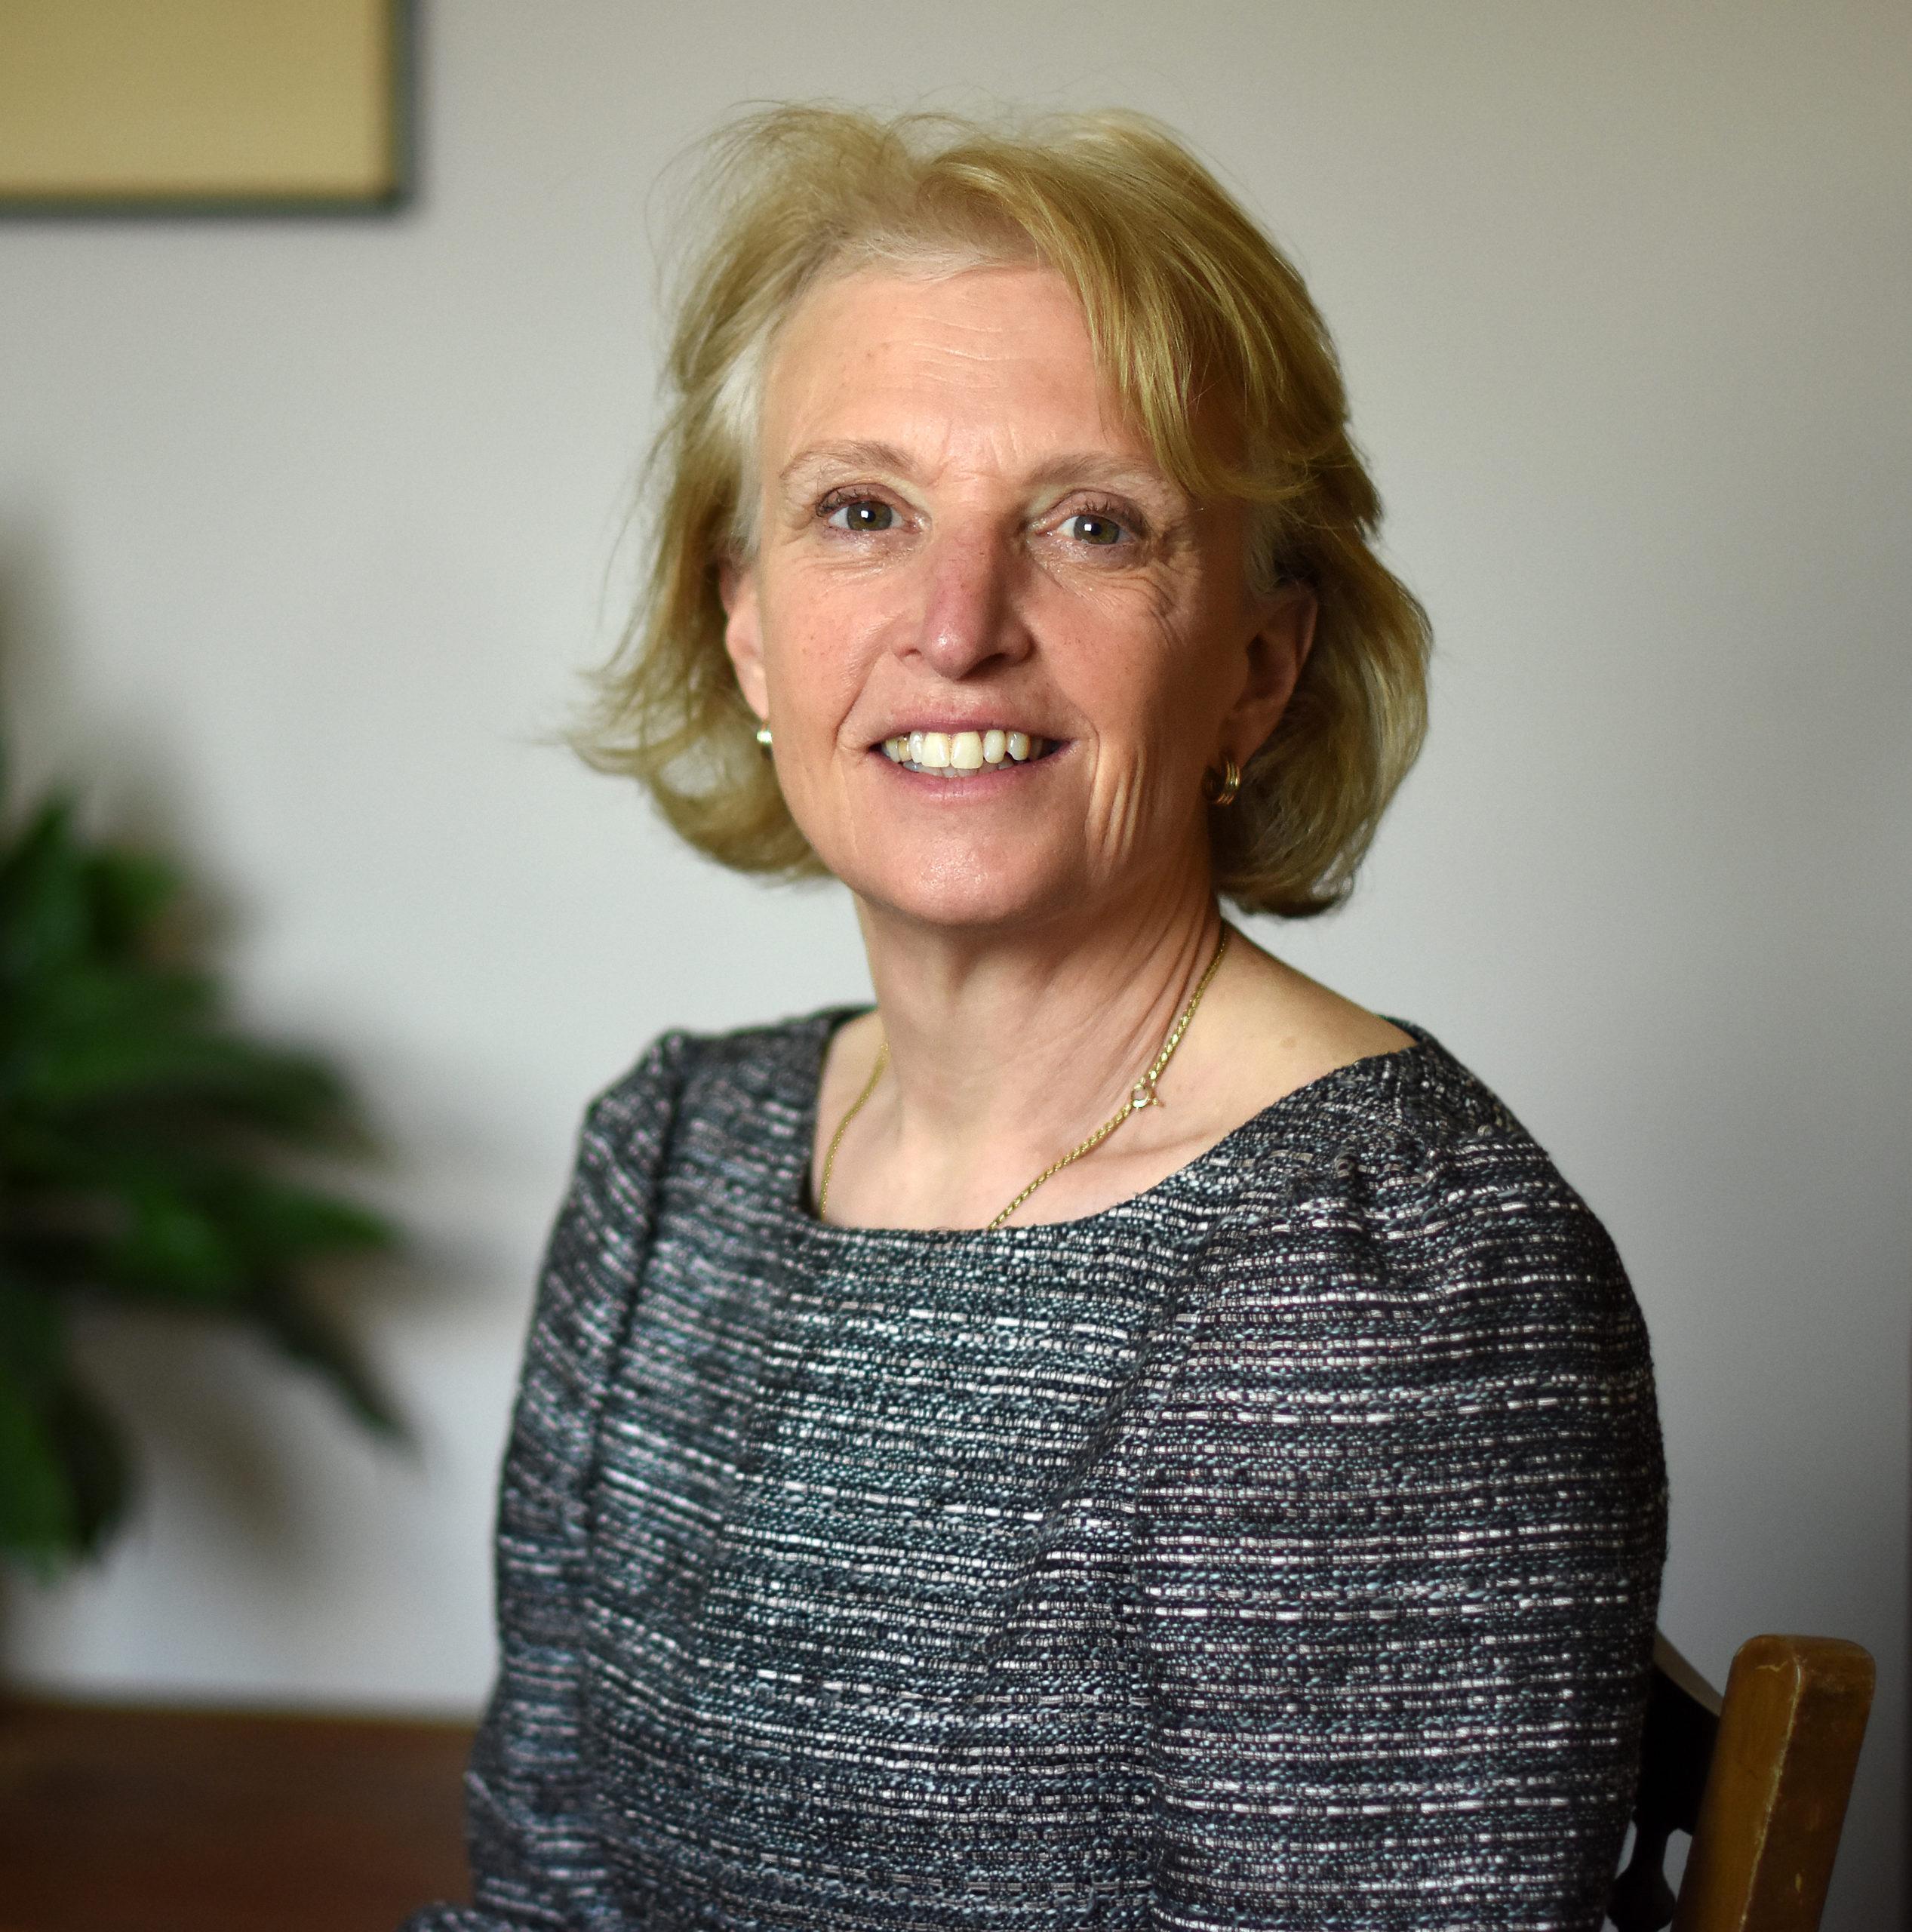 Portrait of Claire Hill